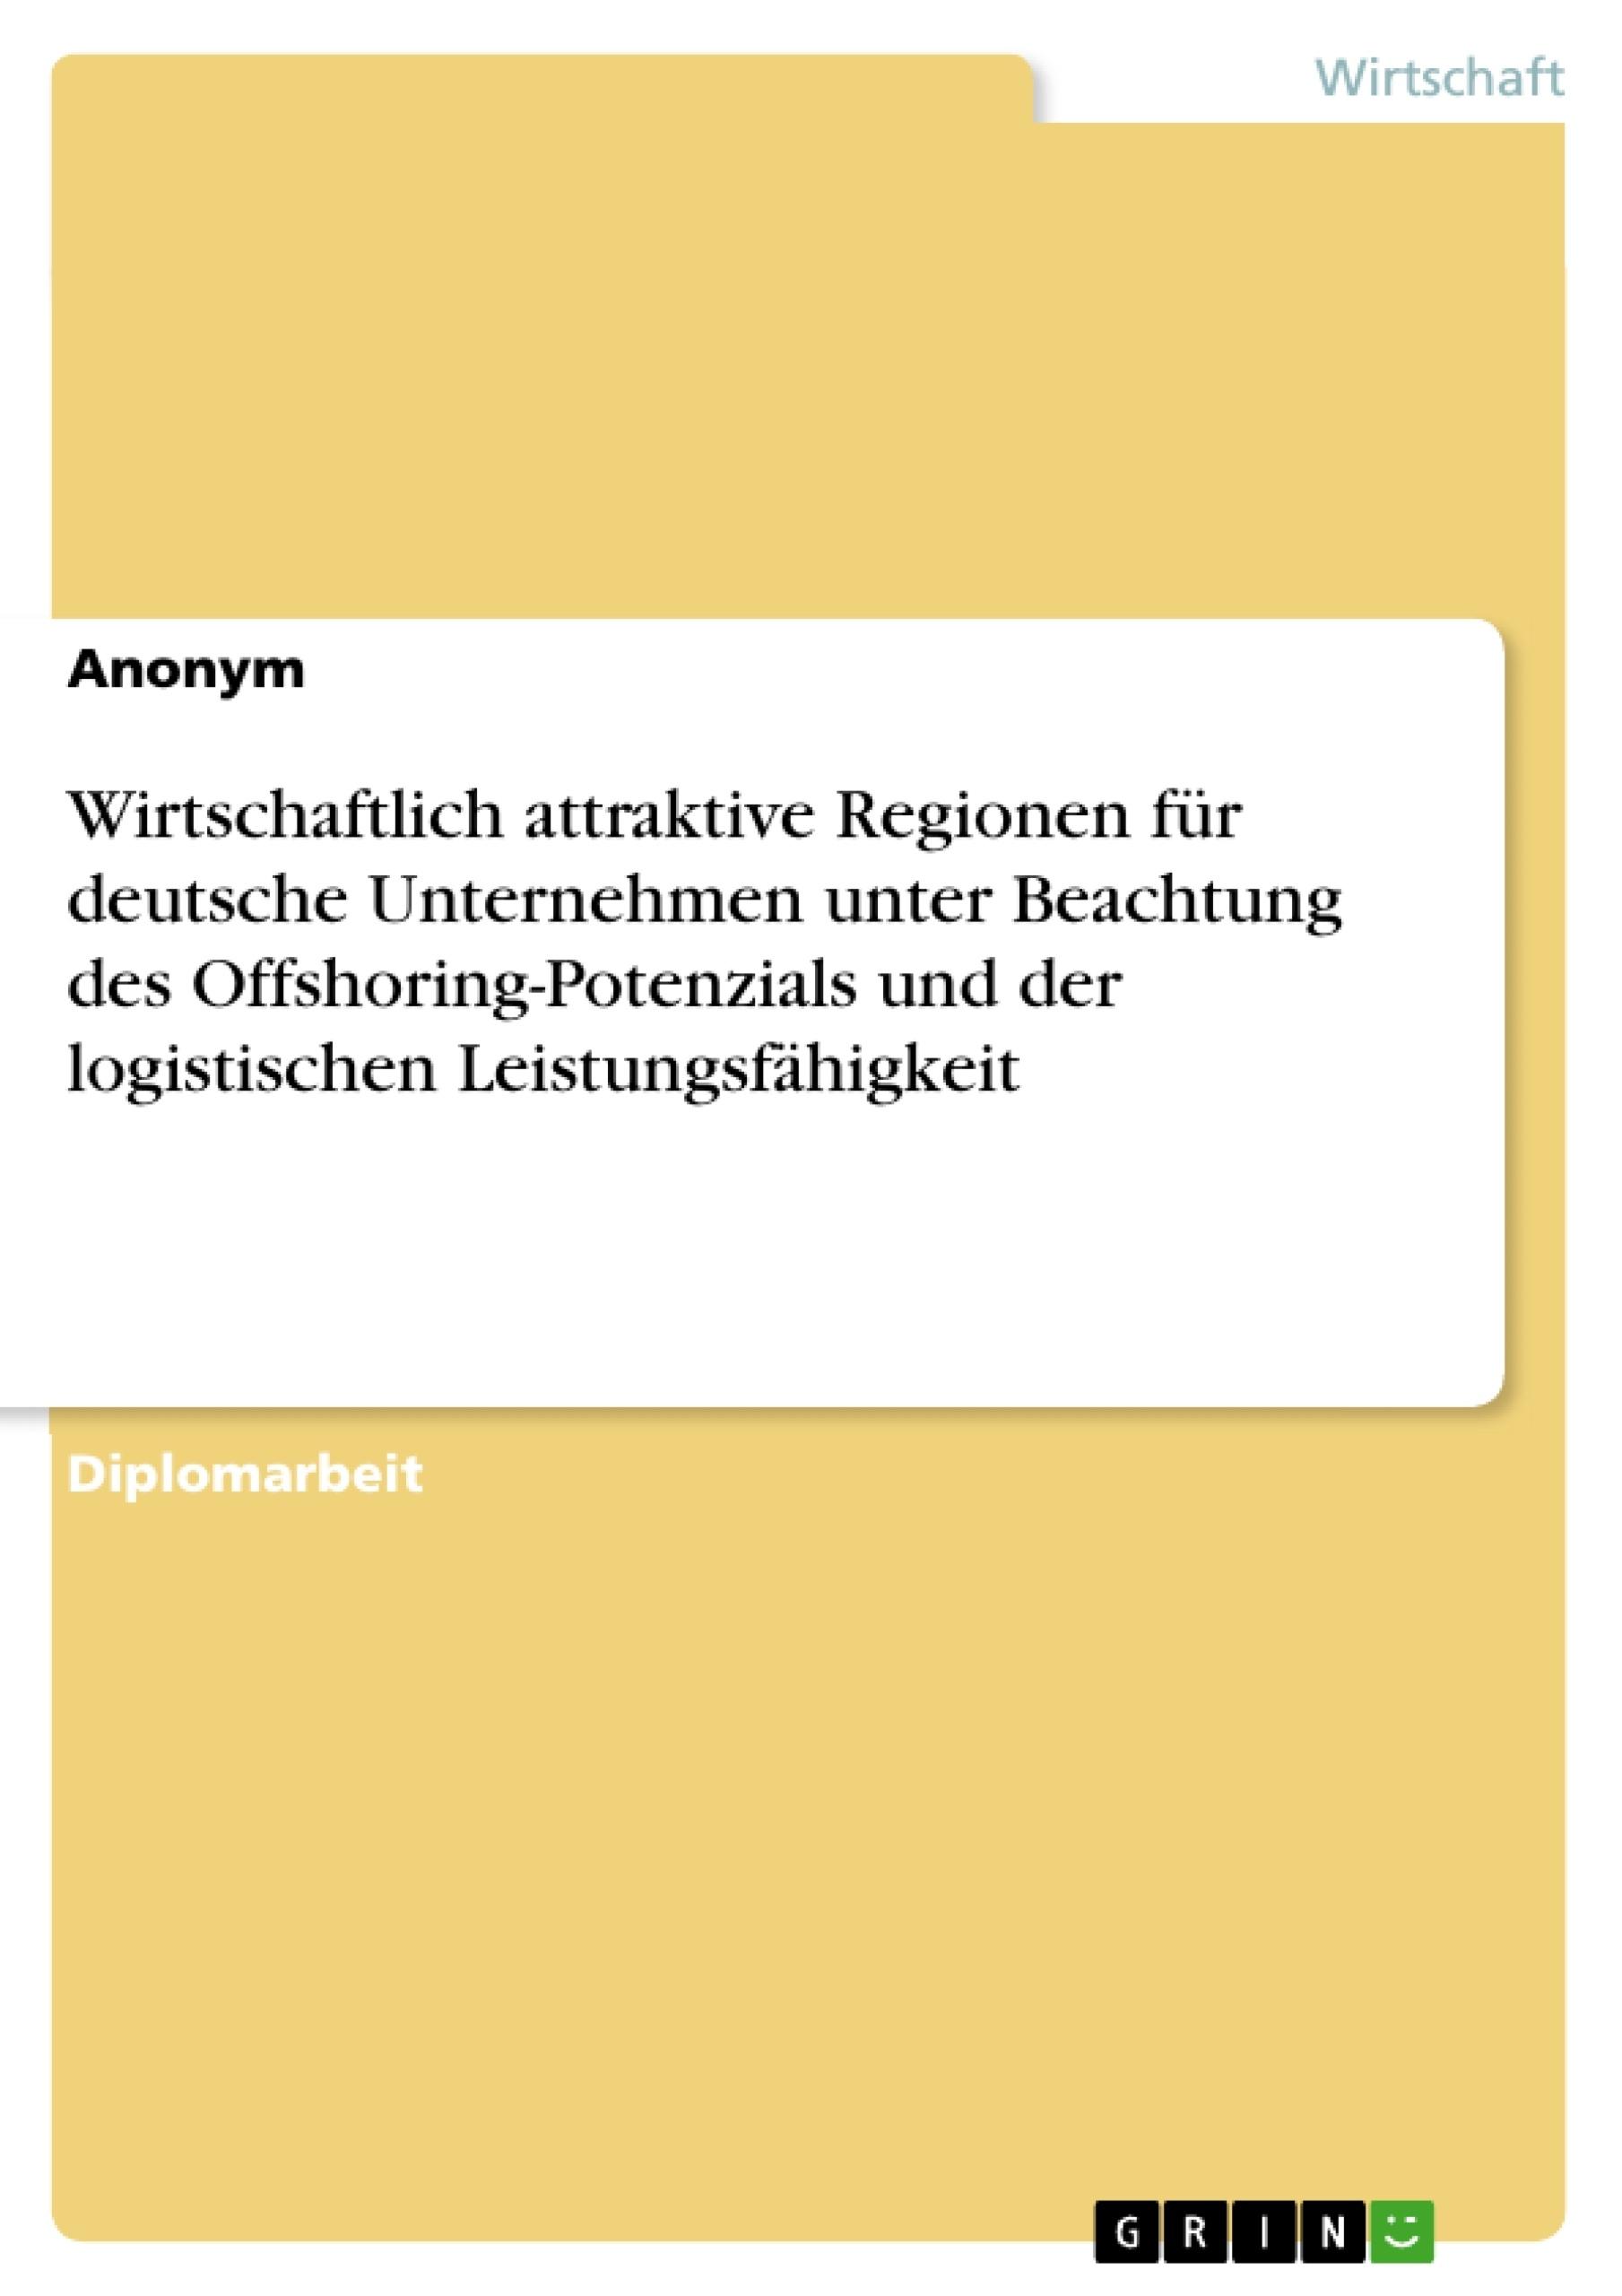 Titel: Wirtschaftlich attraktive Regionen für deutsche Unternehmen unter Beachtung des Offshoring-Potenzials und der logistischen Leistungsfähigkeit